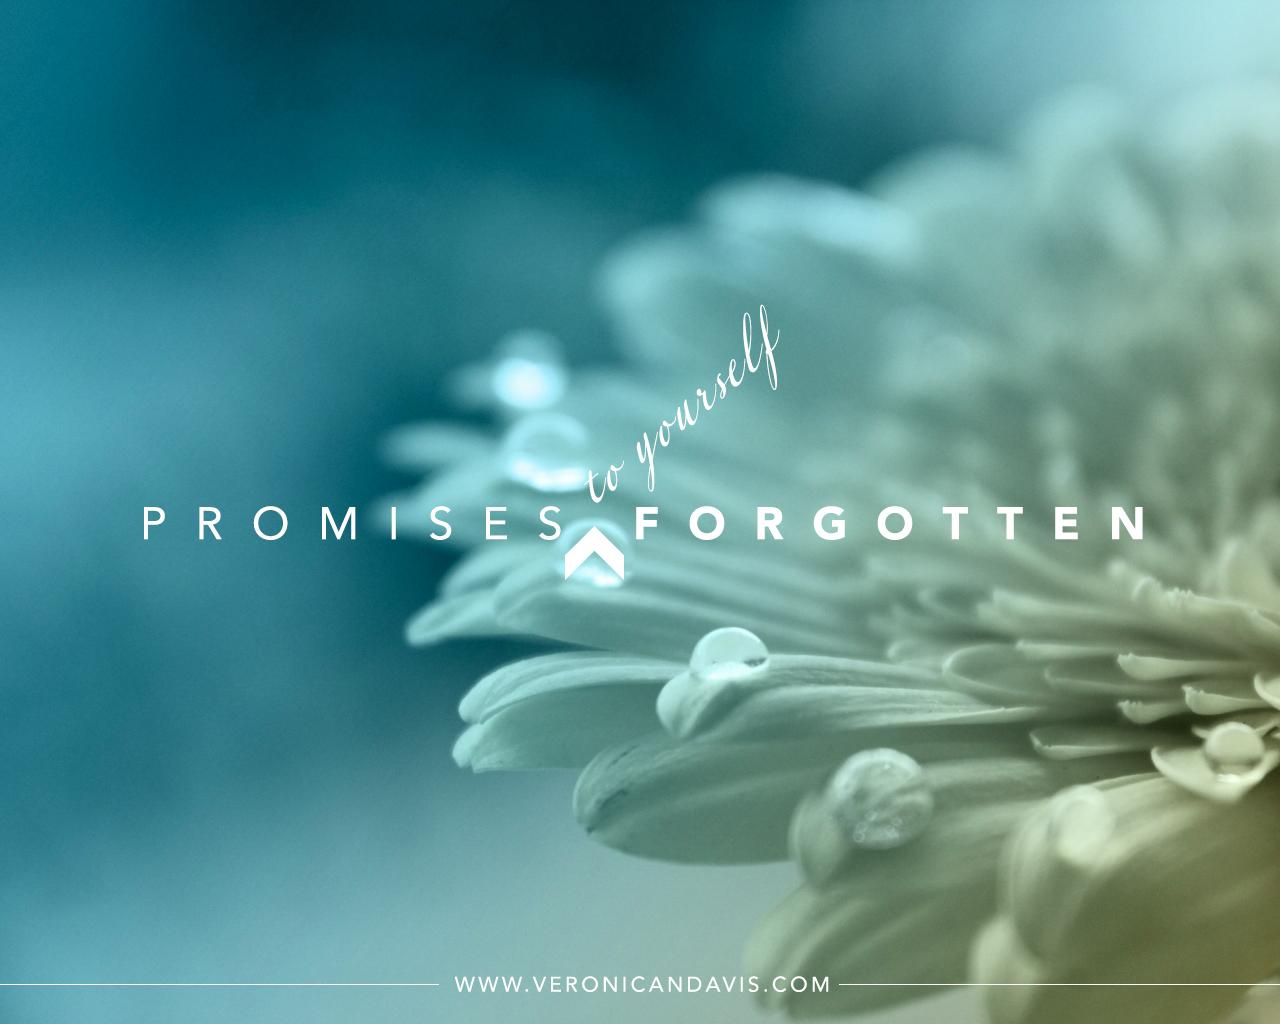 Promises Forgotten